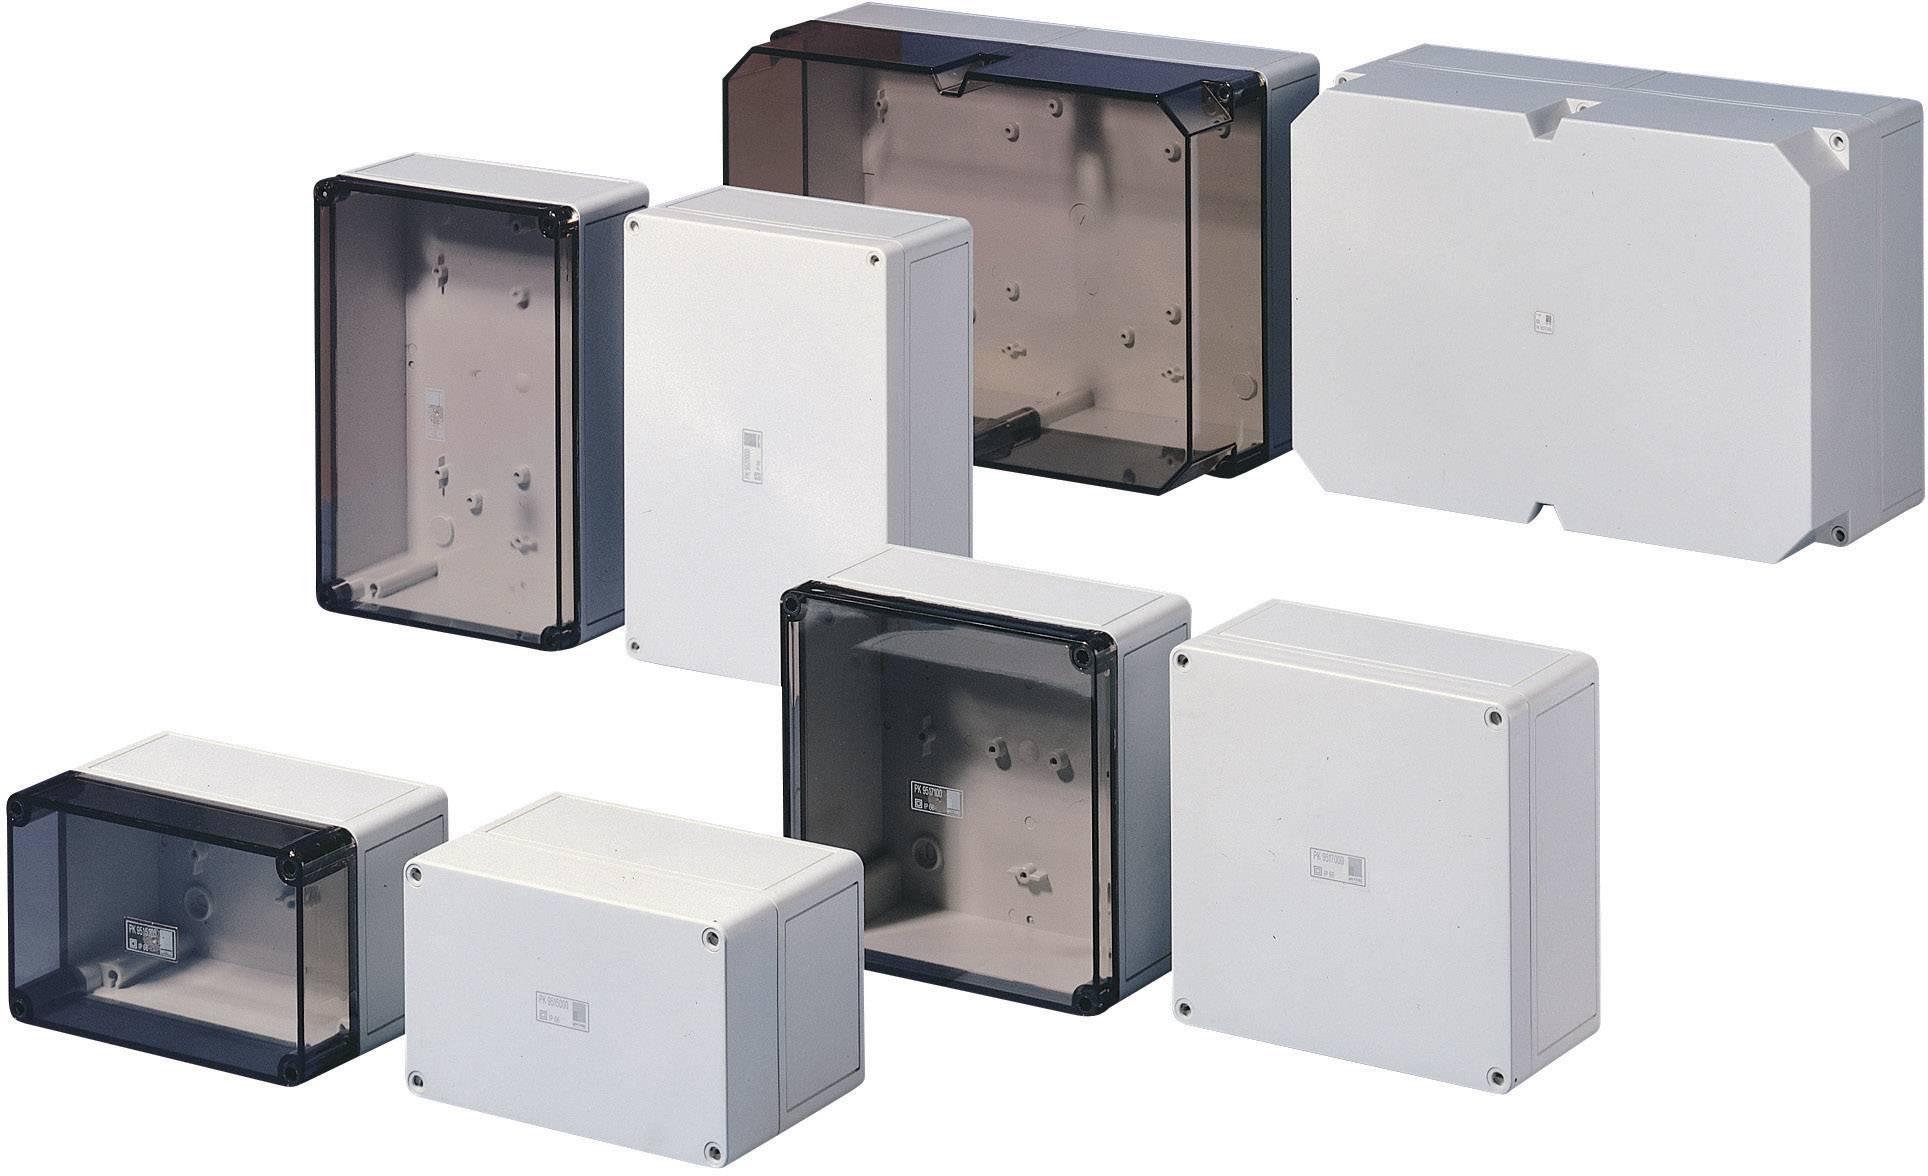 Inštalačná krabička Rittal PK 9521.000 9521.000, (š x v x h) 254 x 180 x 111 mm, polykarbonát, svetlo sivá (RAL 7035), 1 ks